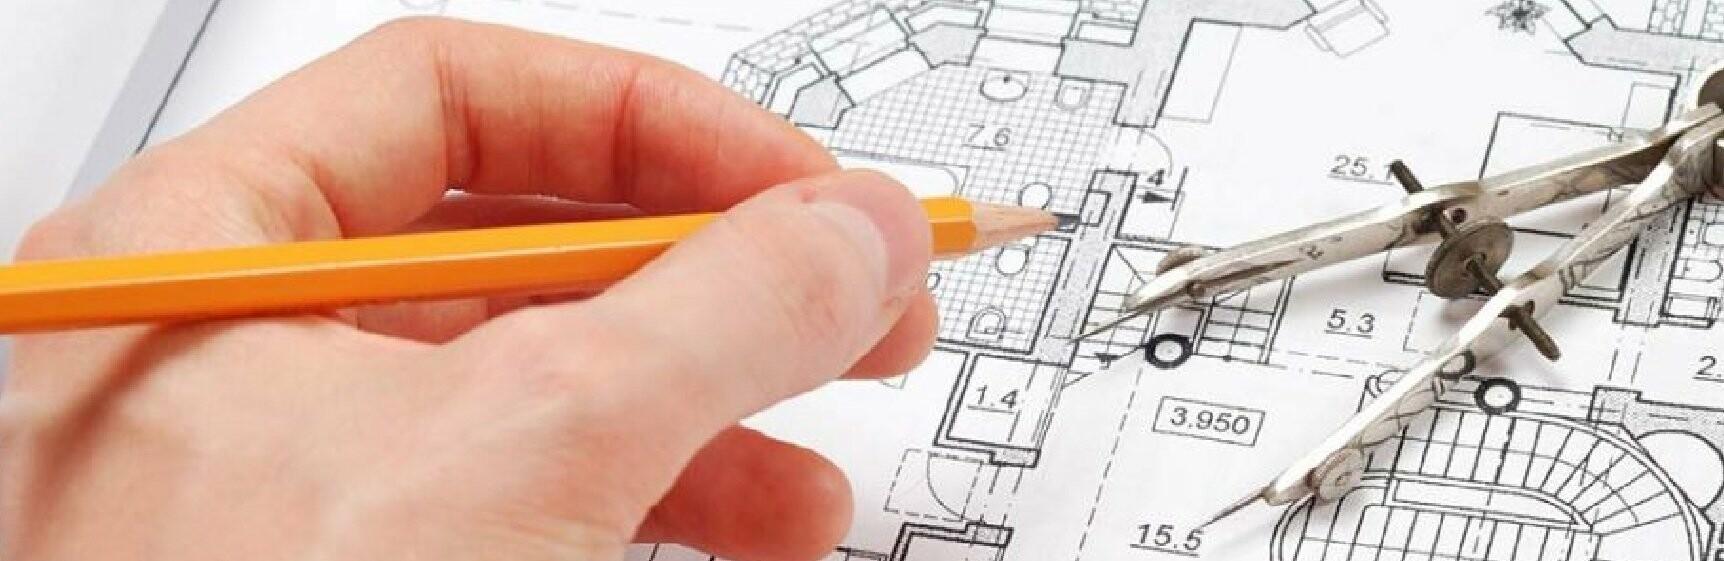 Как узаконить уже сделанную перепланировку квартиры самостоятельно